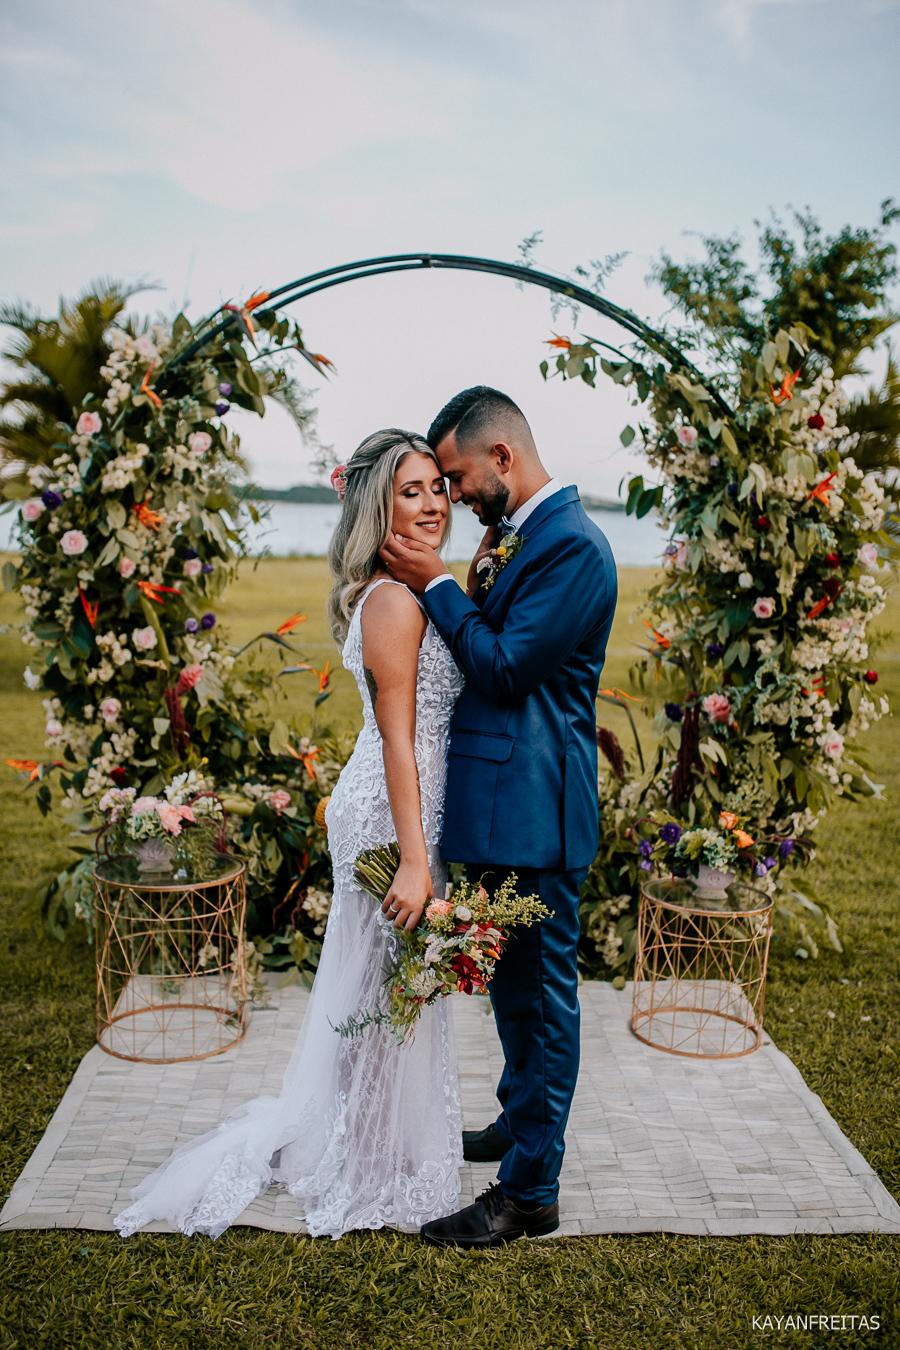 casamentodedia-lic-floripa-0102 Casamento de dia em Florianópolis - Pri e Guto